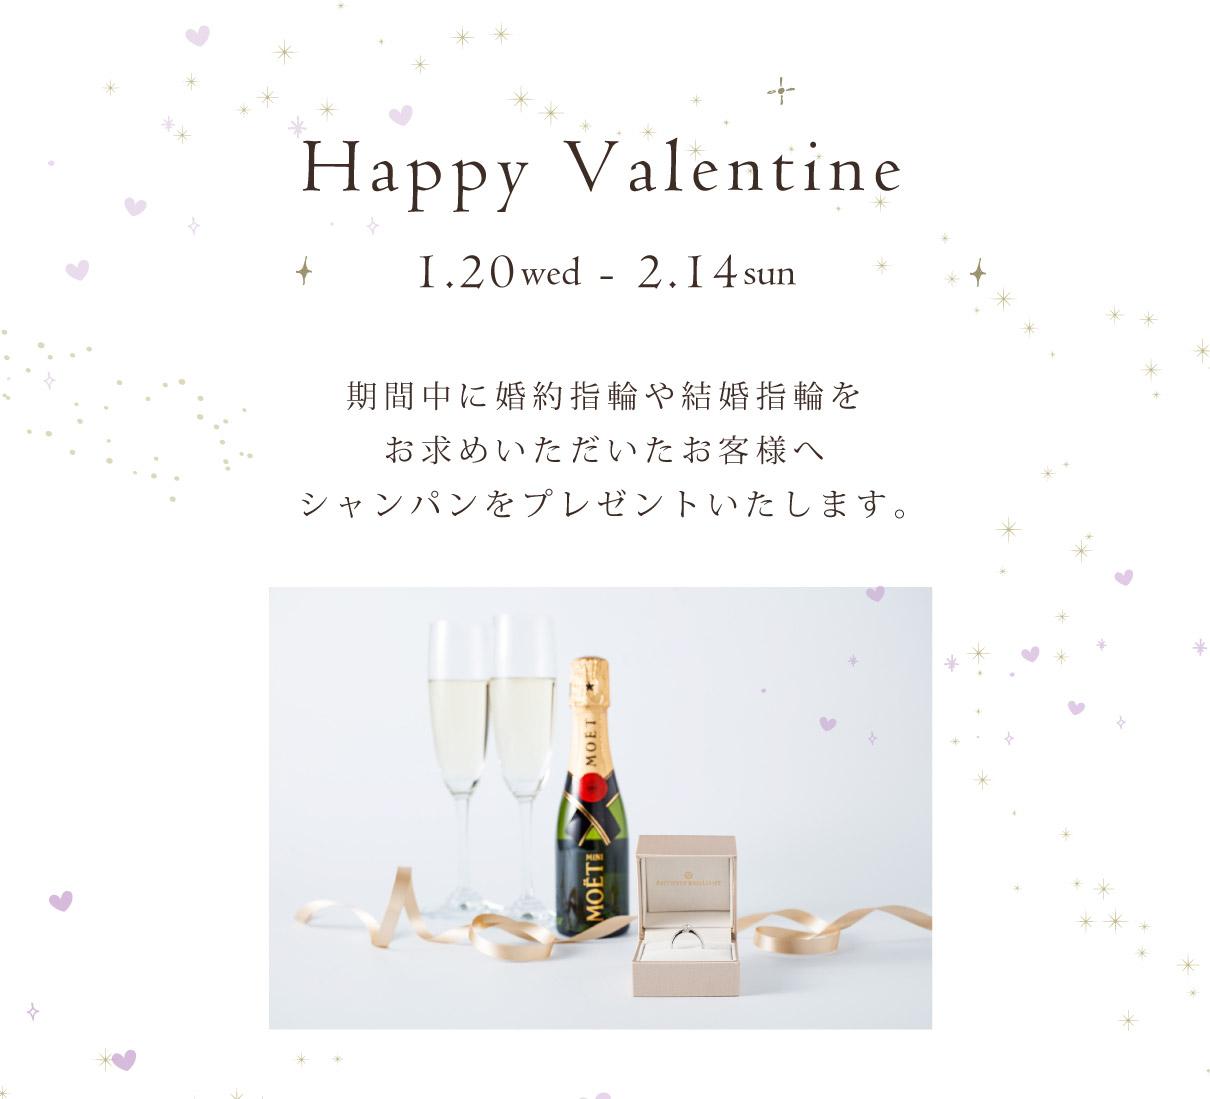 期間中に婚約指輪や結婚指輪シャンパンをプレゼント